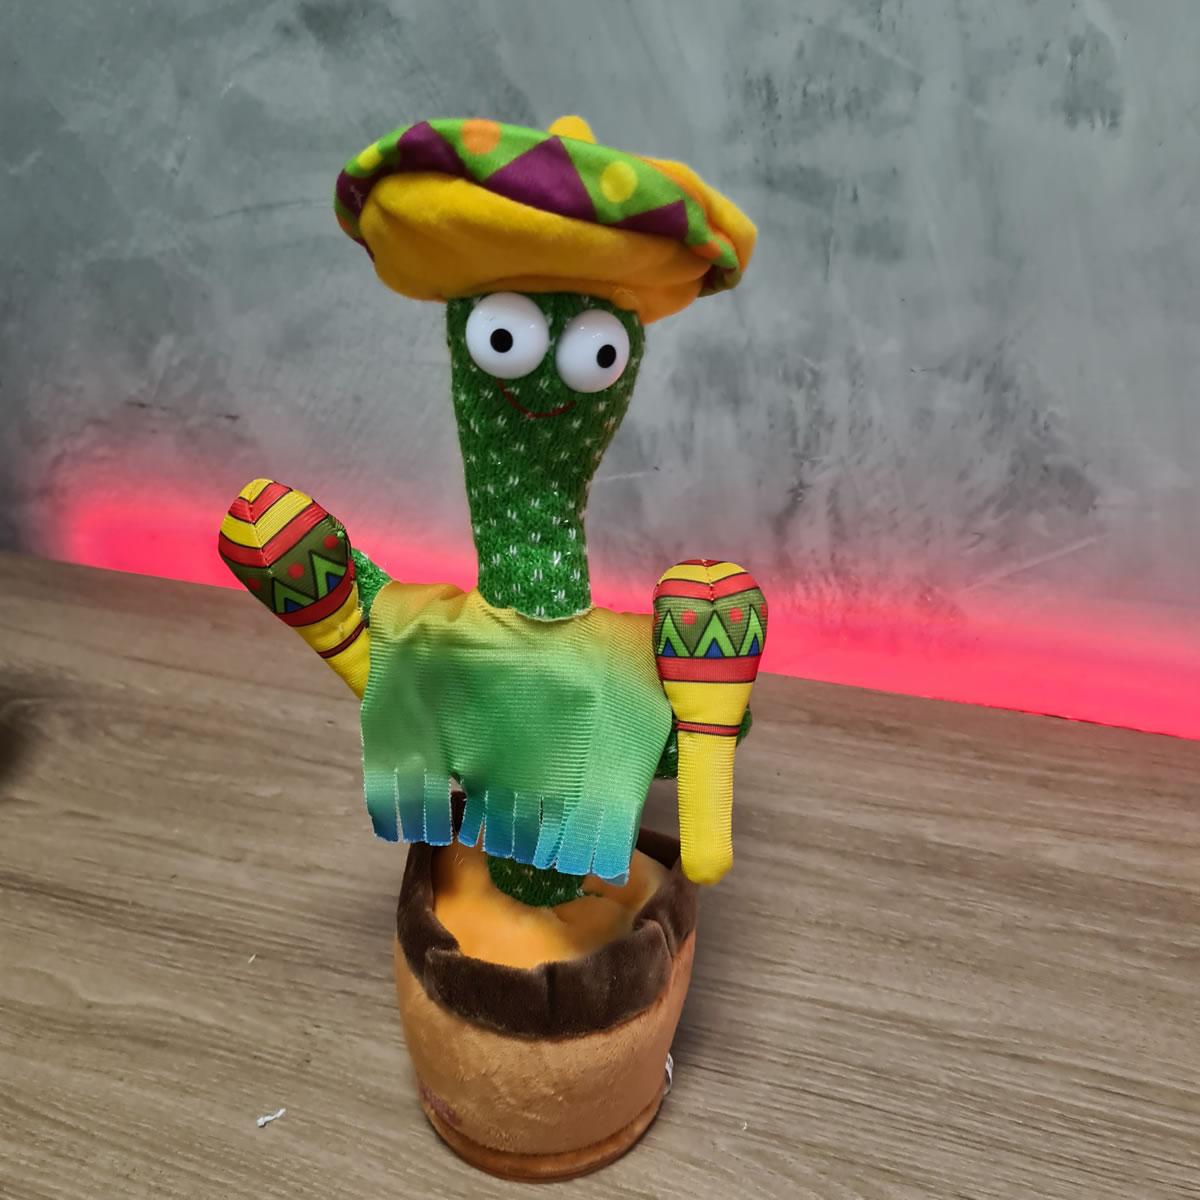 Cactos Animado Dançante e falante Cactus Dancing Repete o que fala